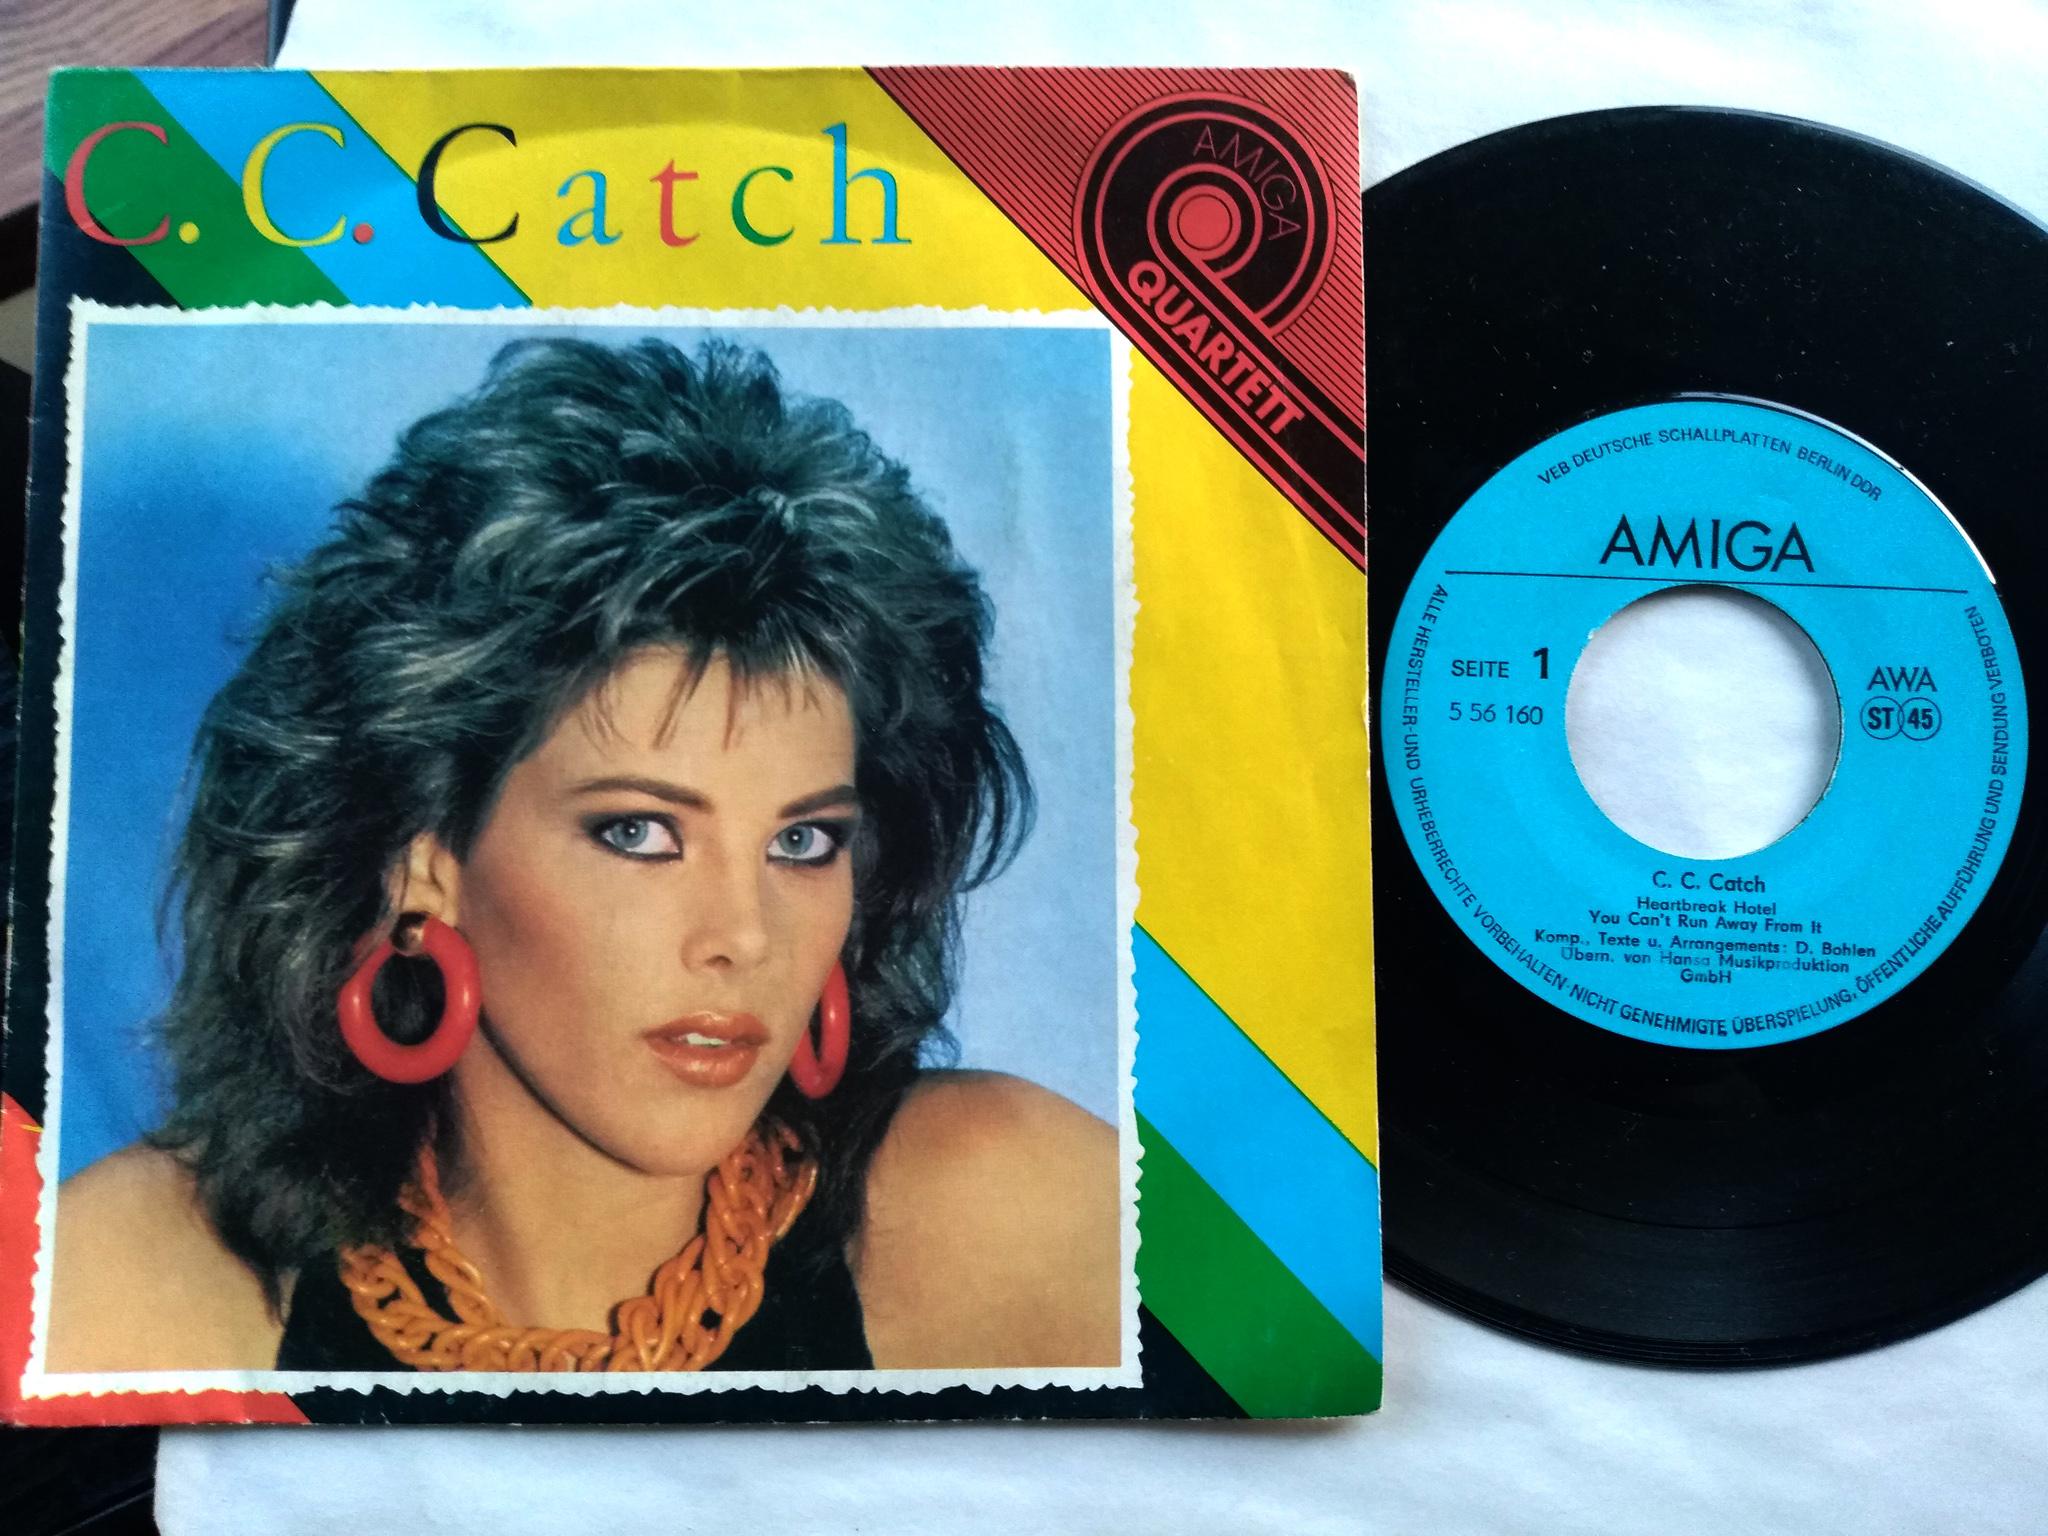 C. C. Catch - C. C. Catch 7'